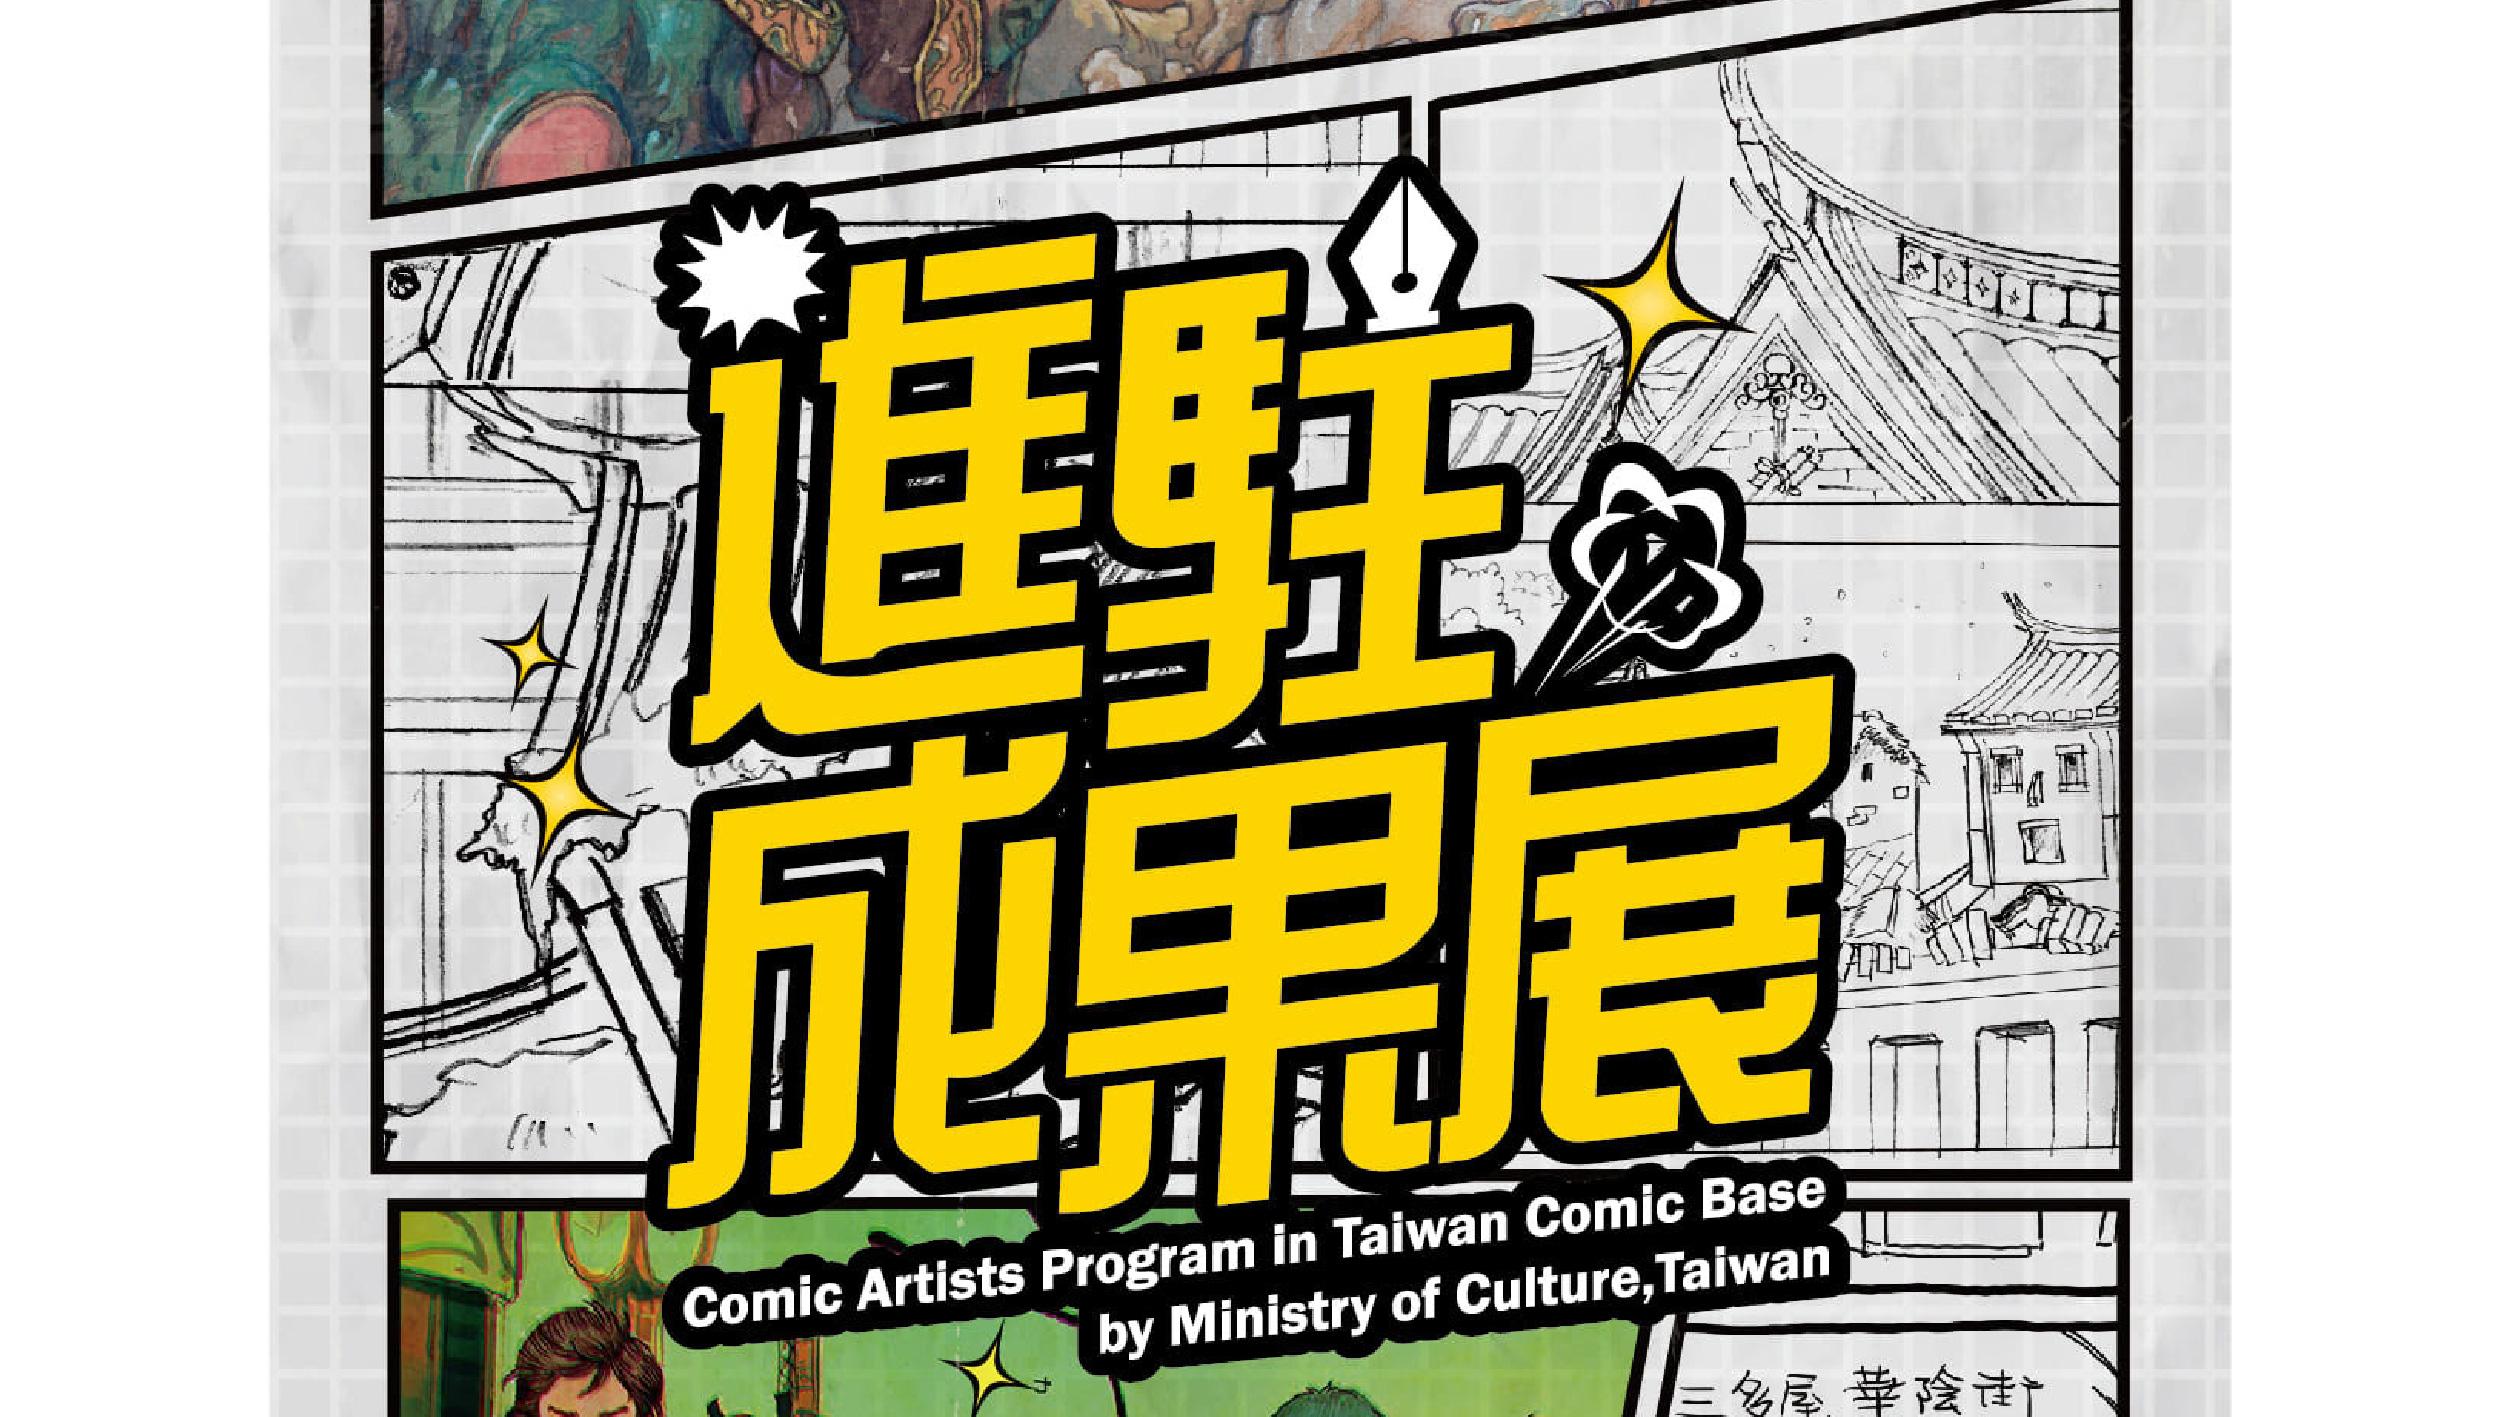 【基地特展】臺灣漫畫基地—108年度第一梯次進駐成果展